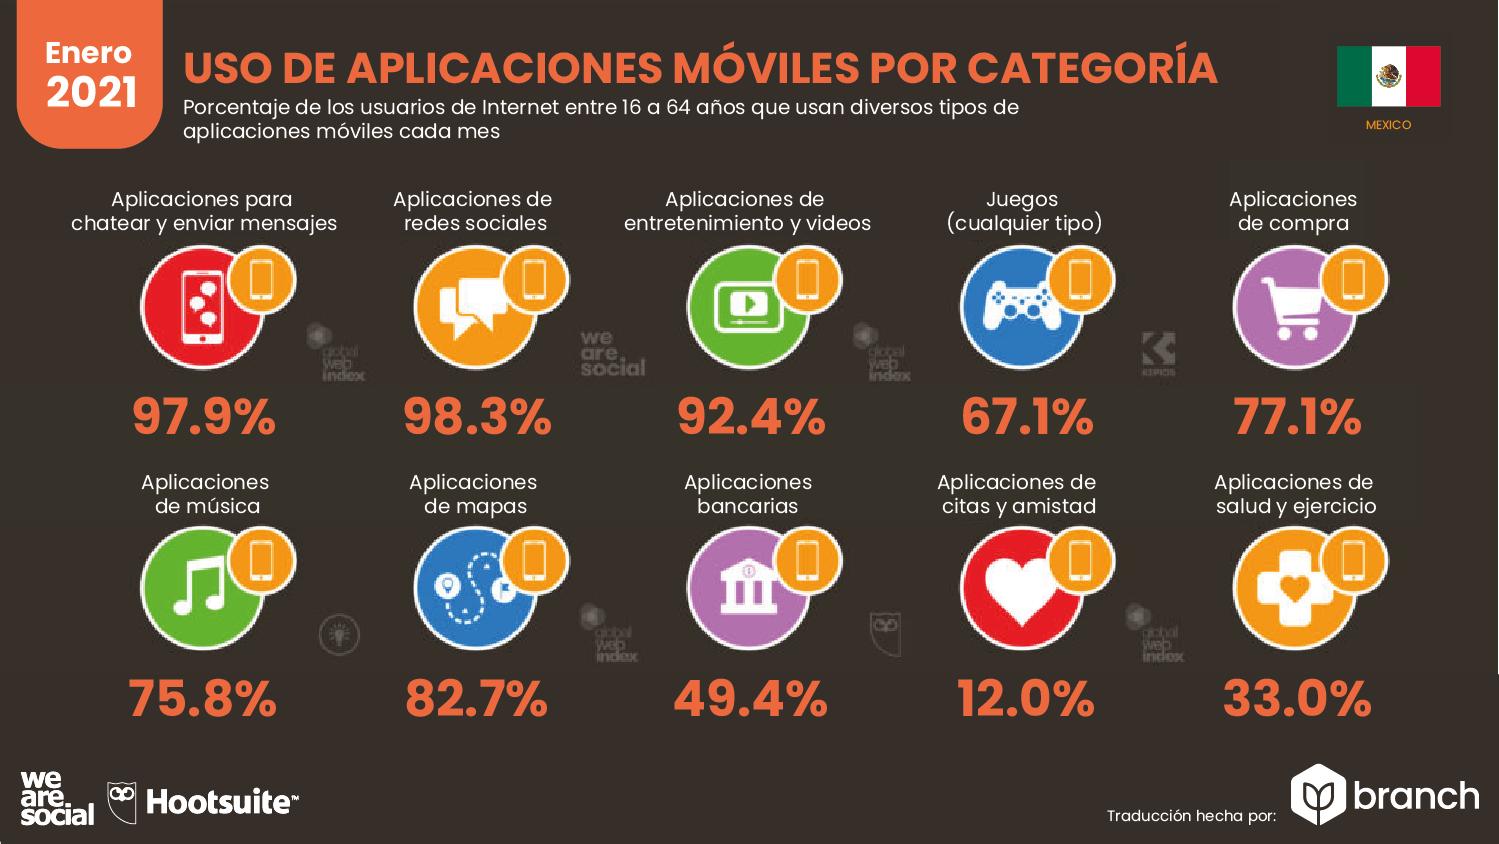 uso-de-aplicaciones-organizadas-por-categoria-mexico-2020-2021